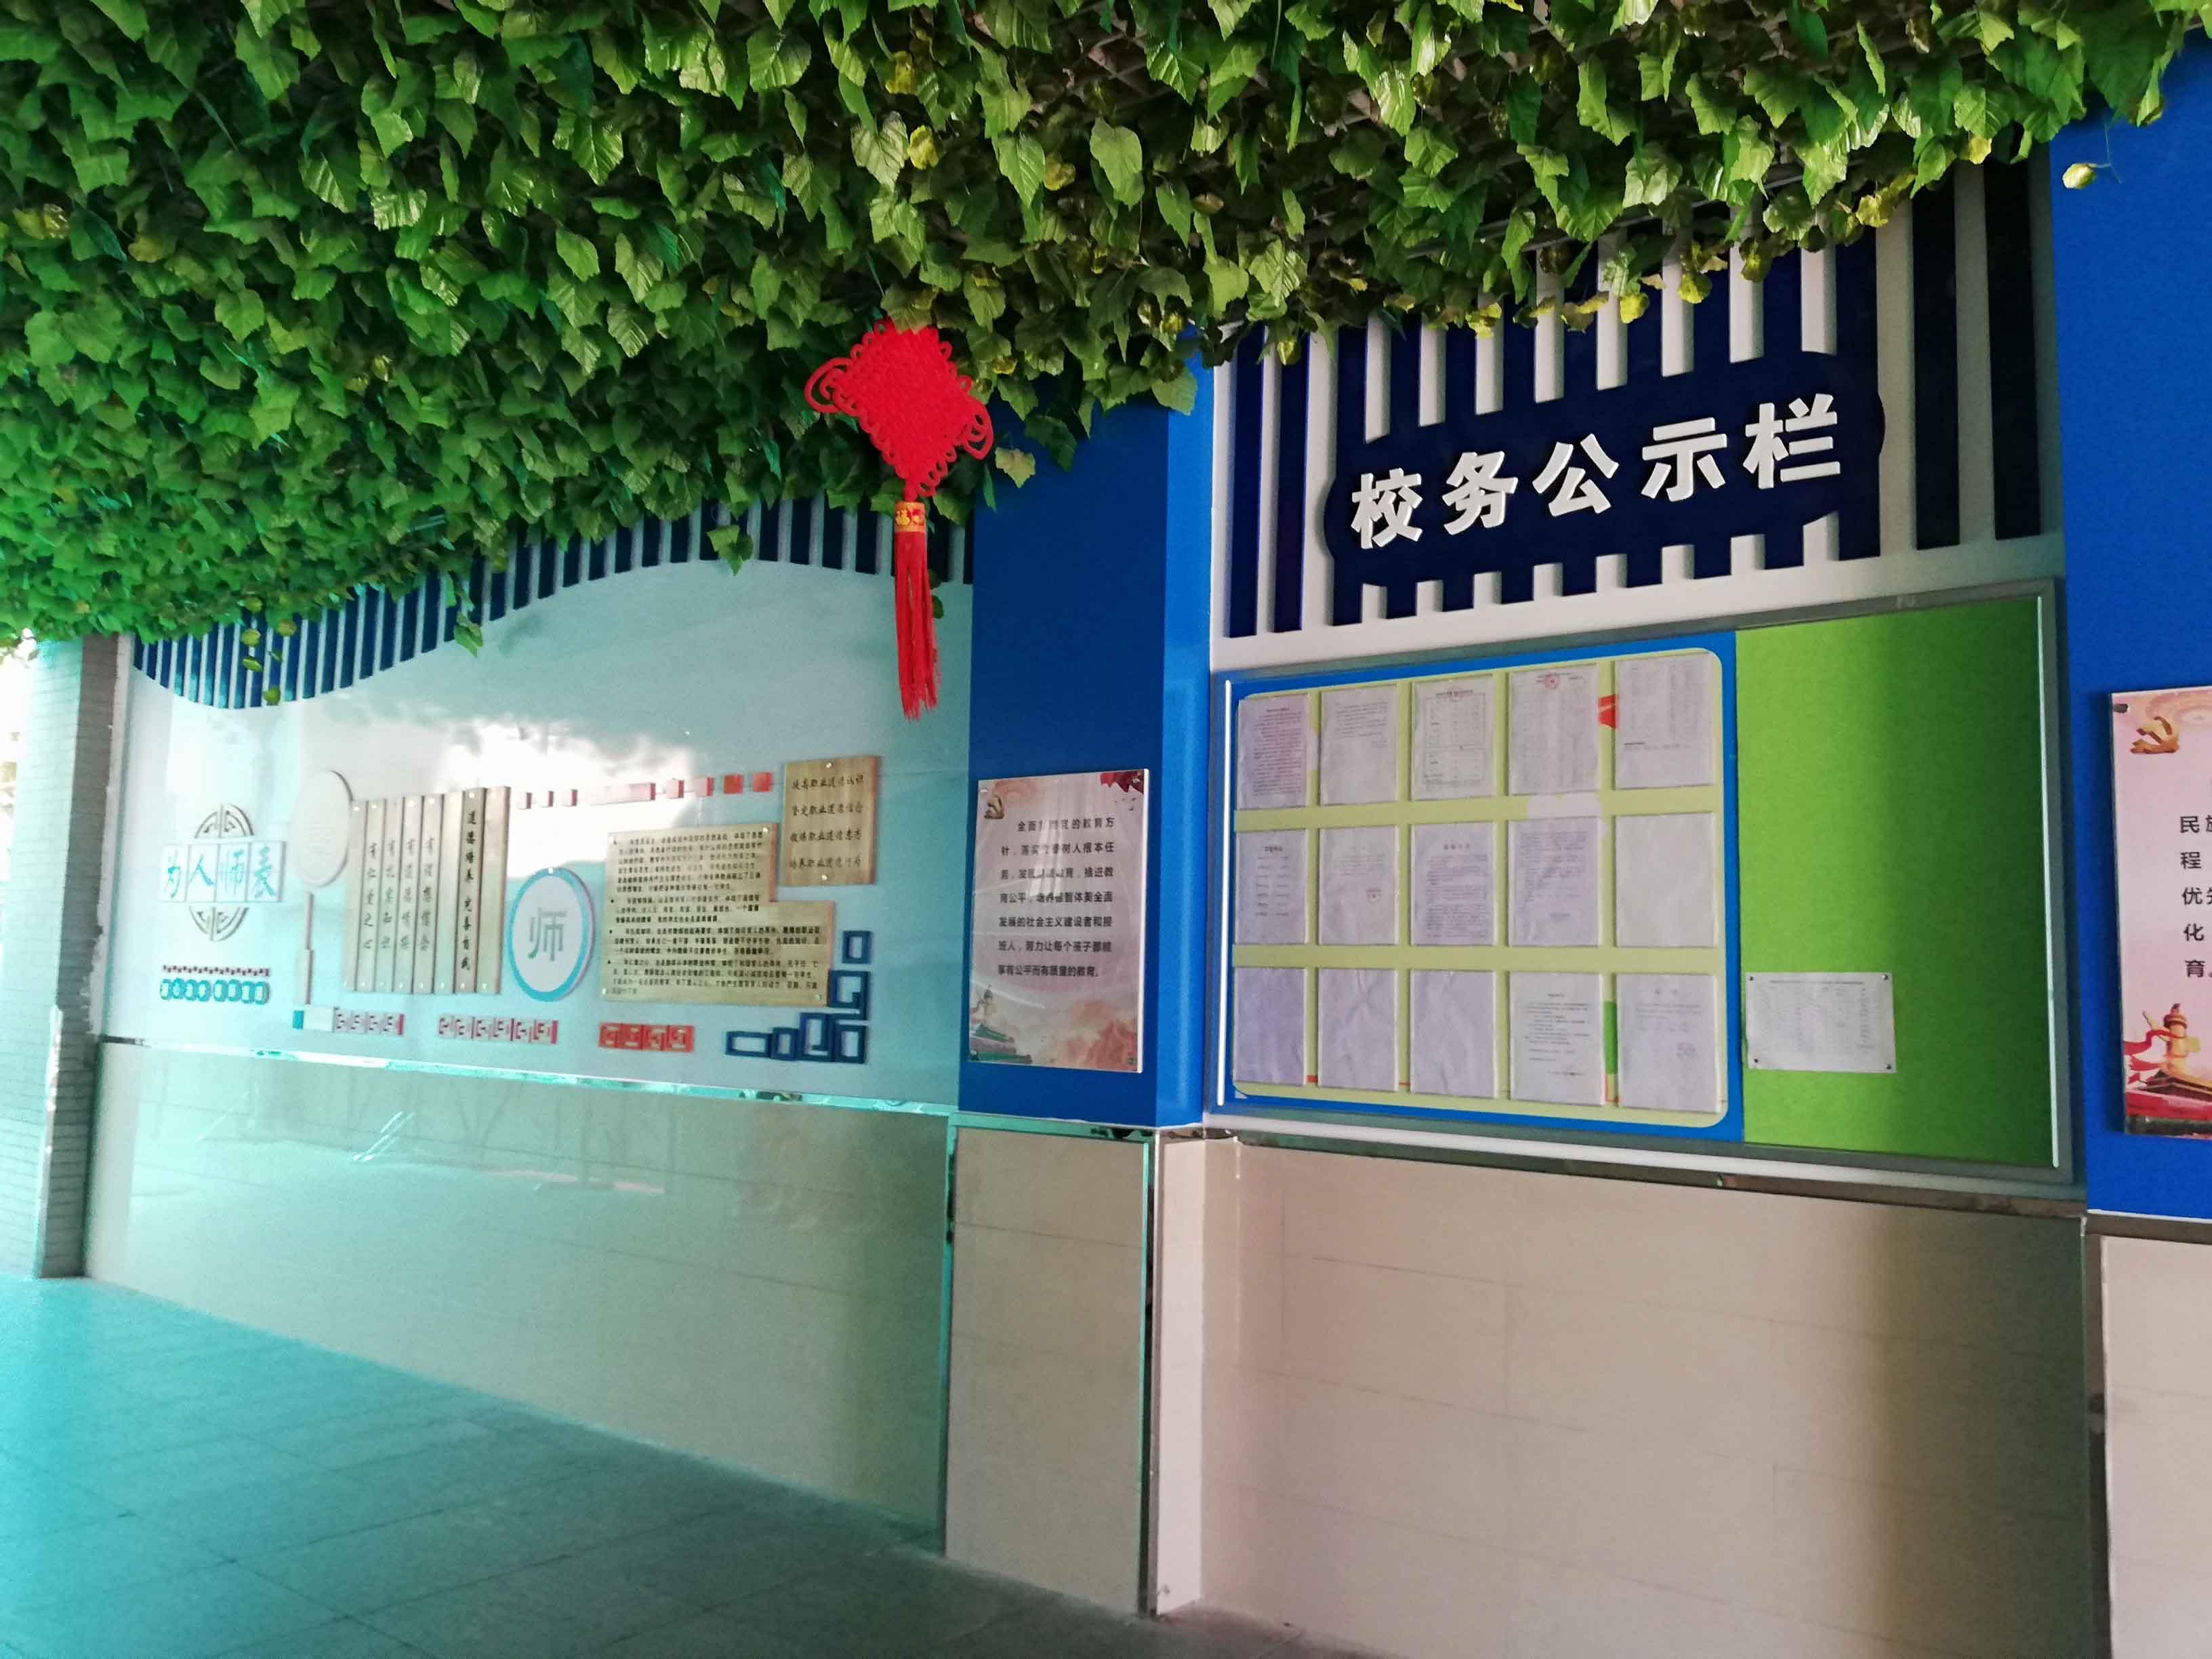 专业小学校园文化建设